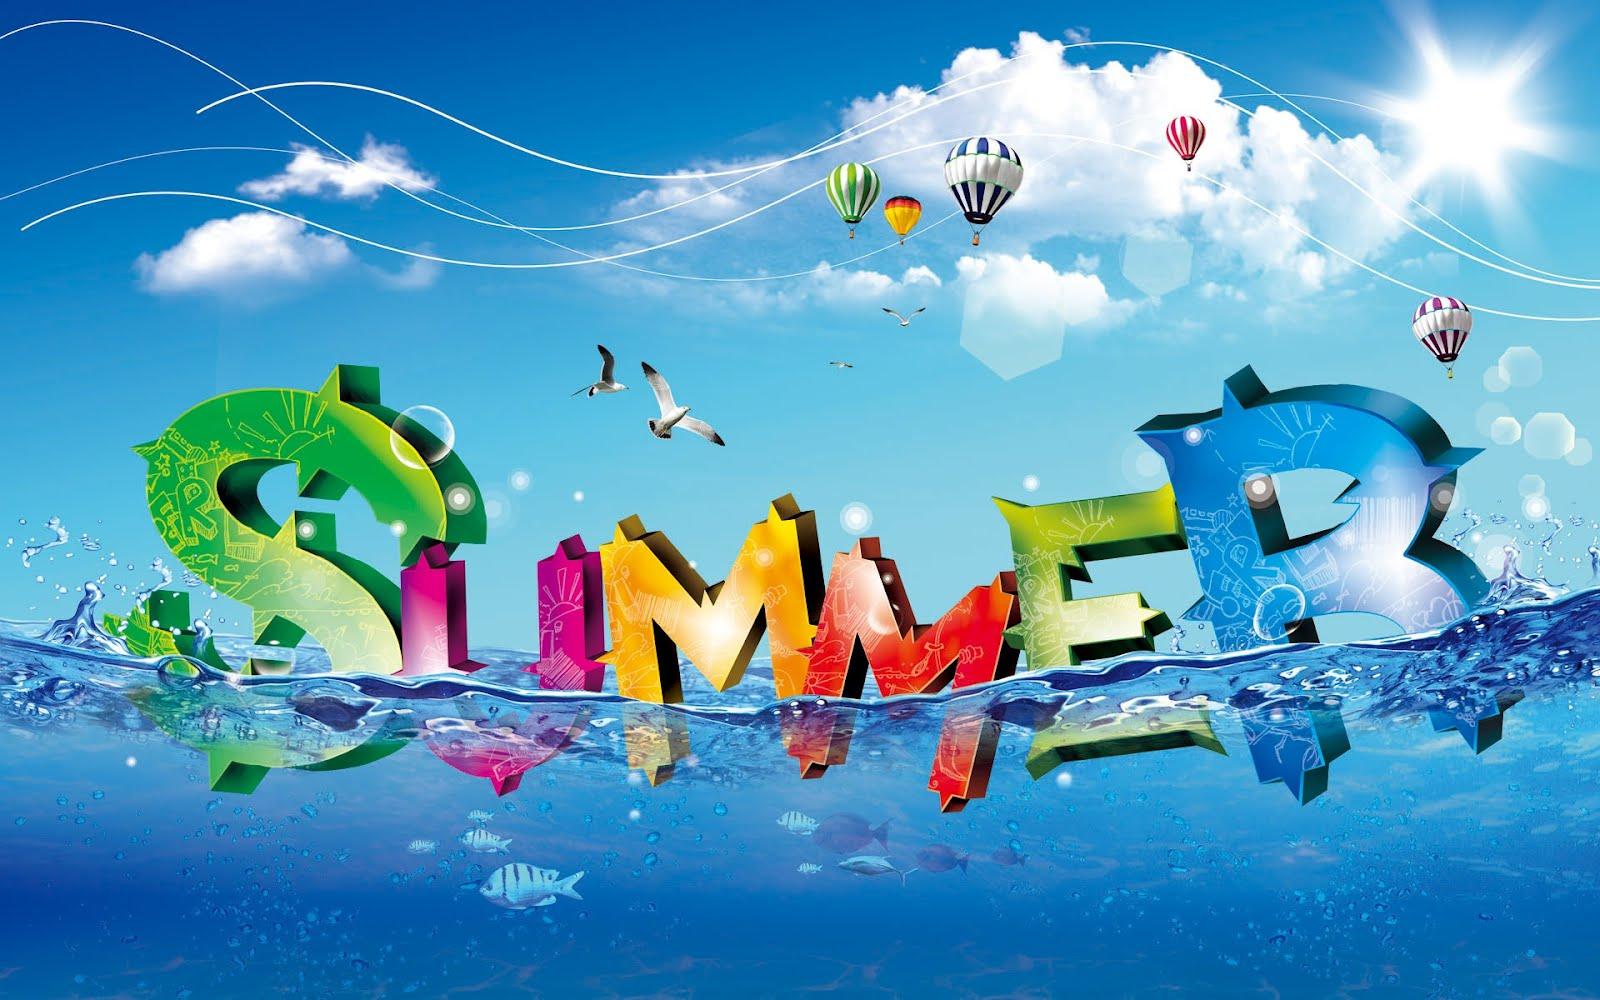 http://1.bp.blogspot.com/-HJgaXIH9nl8/T-3oKFZ5T7I/AAAAAAAAAE0/A3NcUxShLu0/s1600/summer-wallpaper-14.jpg